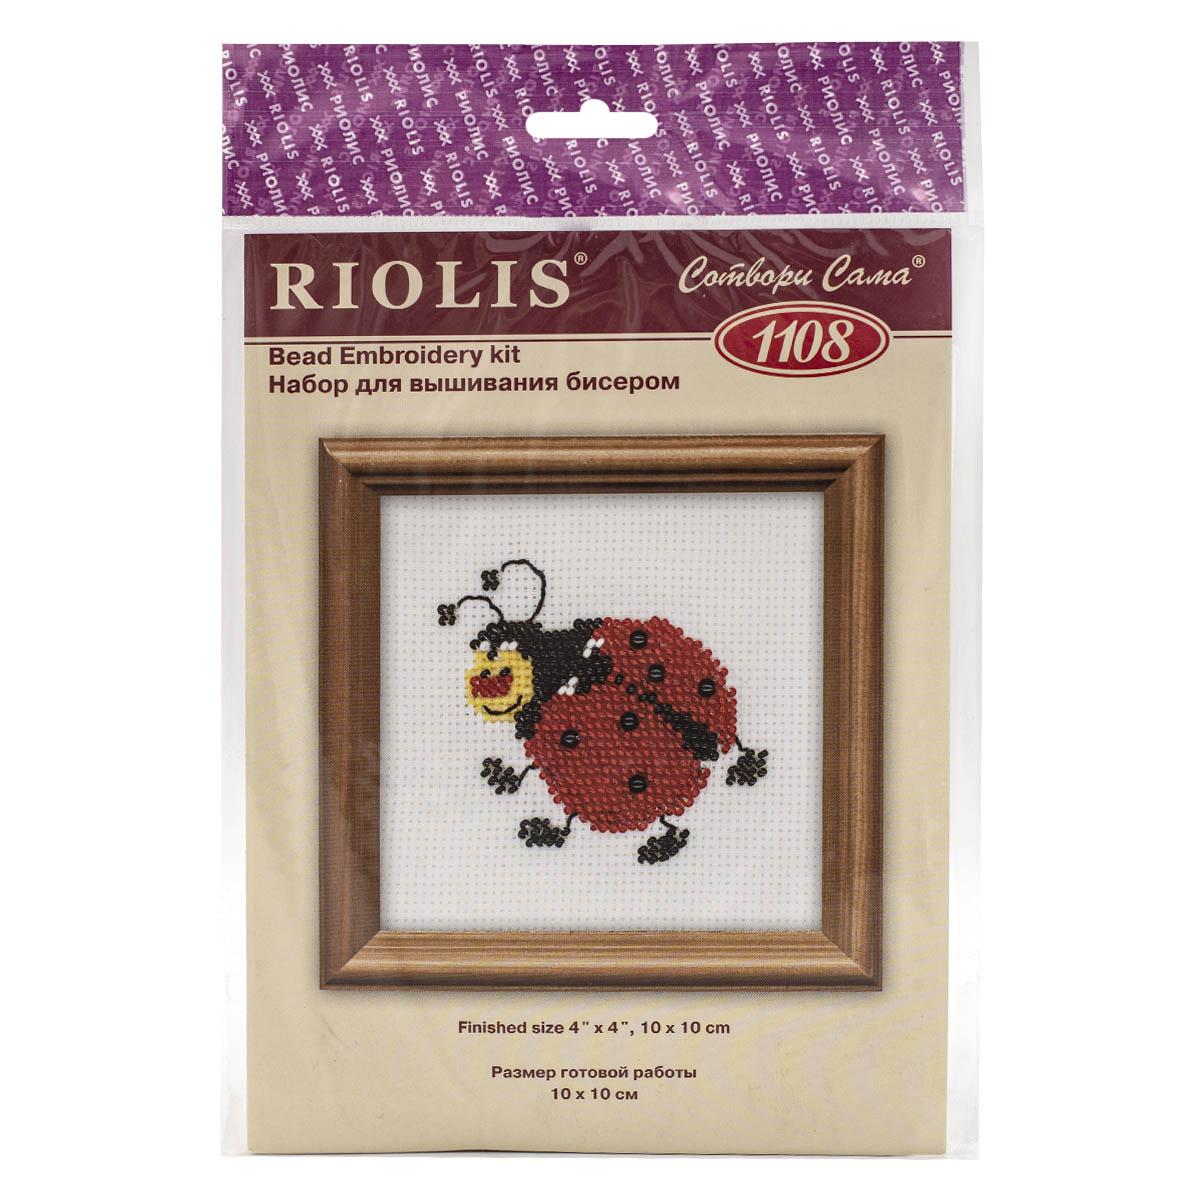 1108 Набор для вышивания 10*10см 'Риолис' Божья коровка